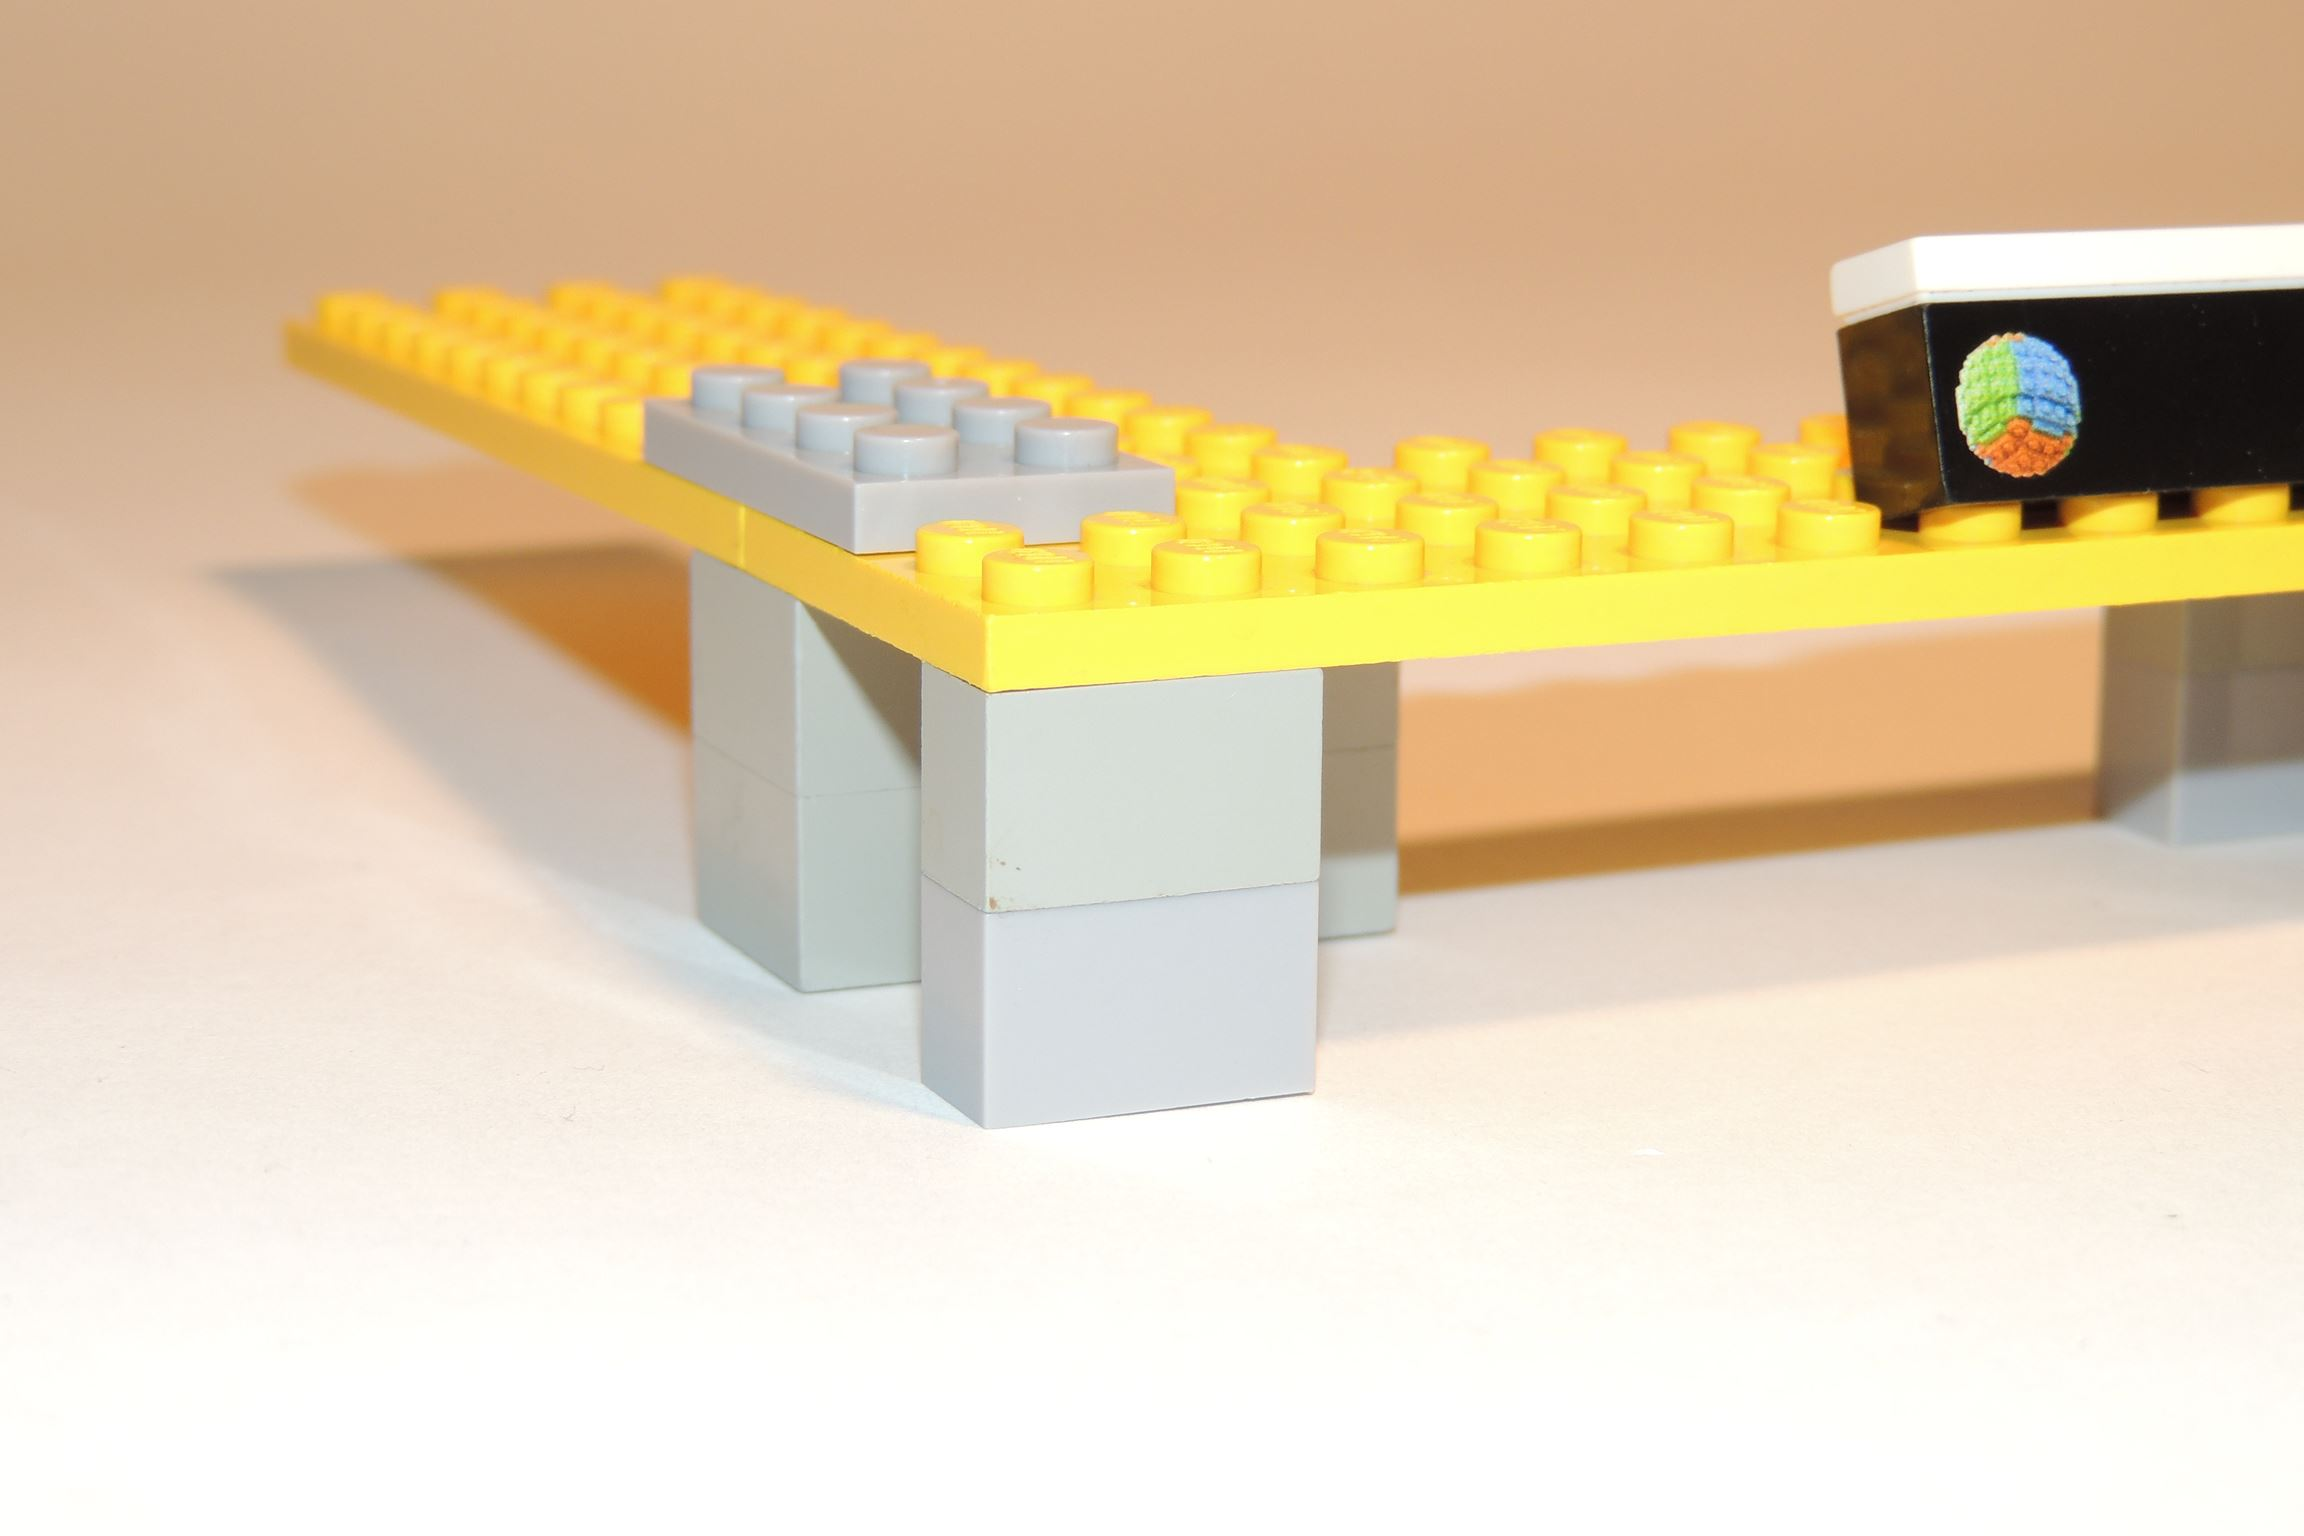 Unten 1×2 Brick in LBG von Steinchenexpress, oben 1×2 Brick in Light Gray von Lego (BS 16-4).